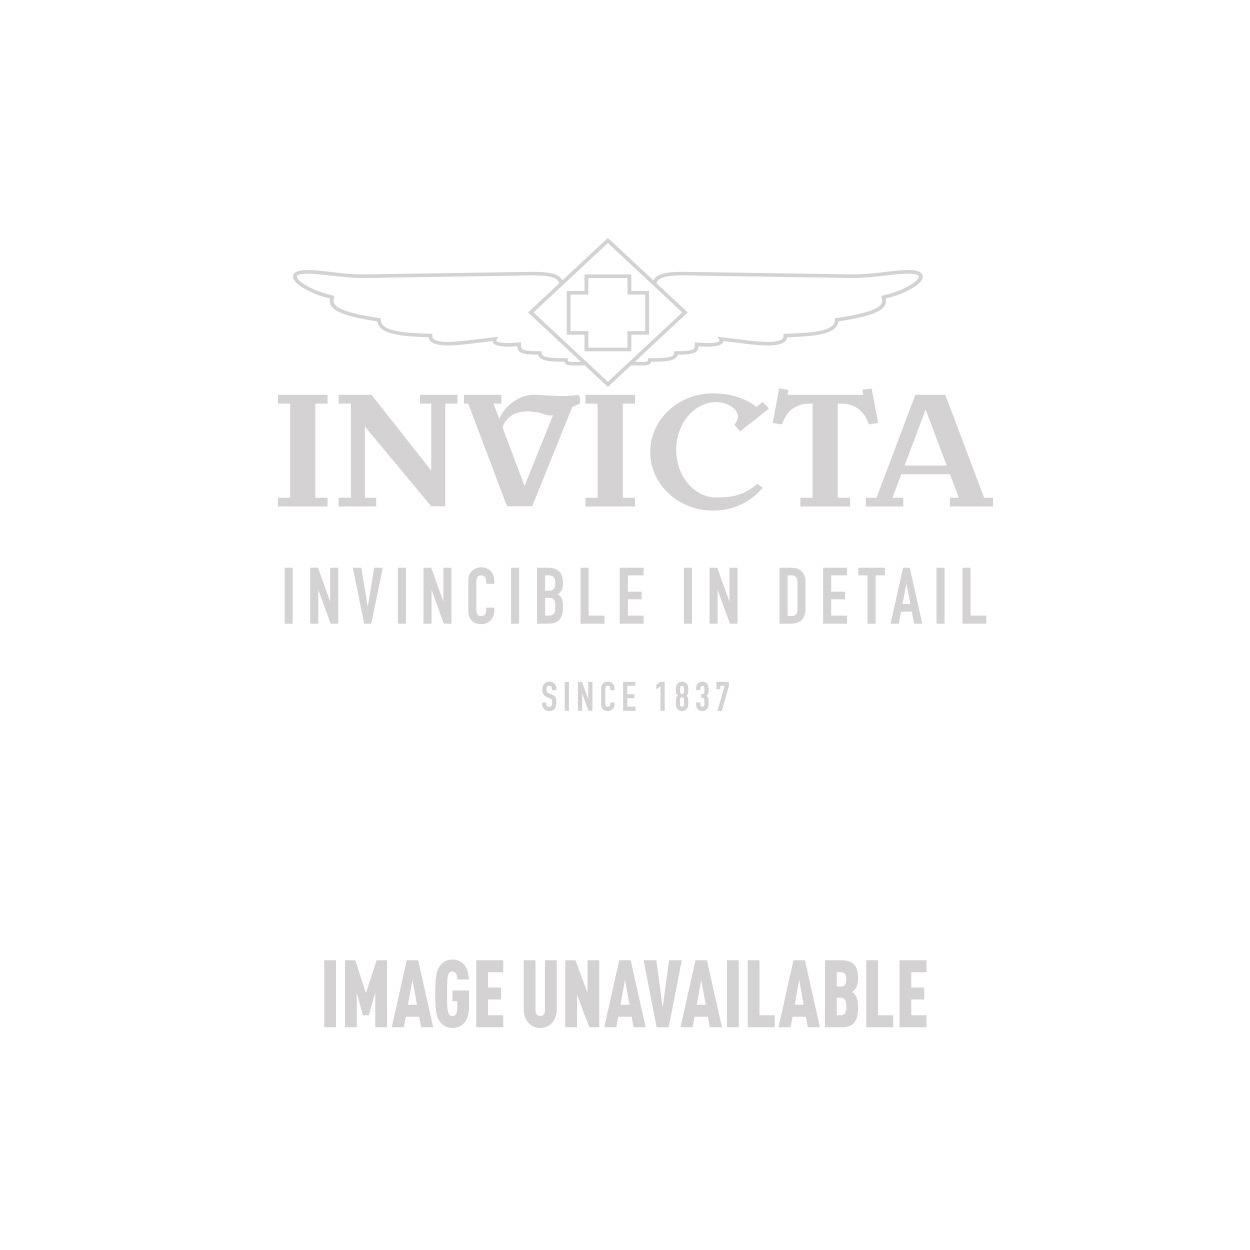 Invicta Model 28346